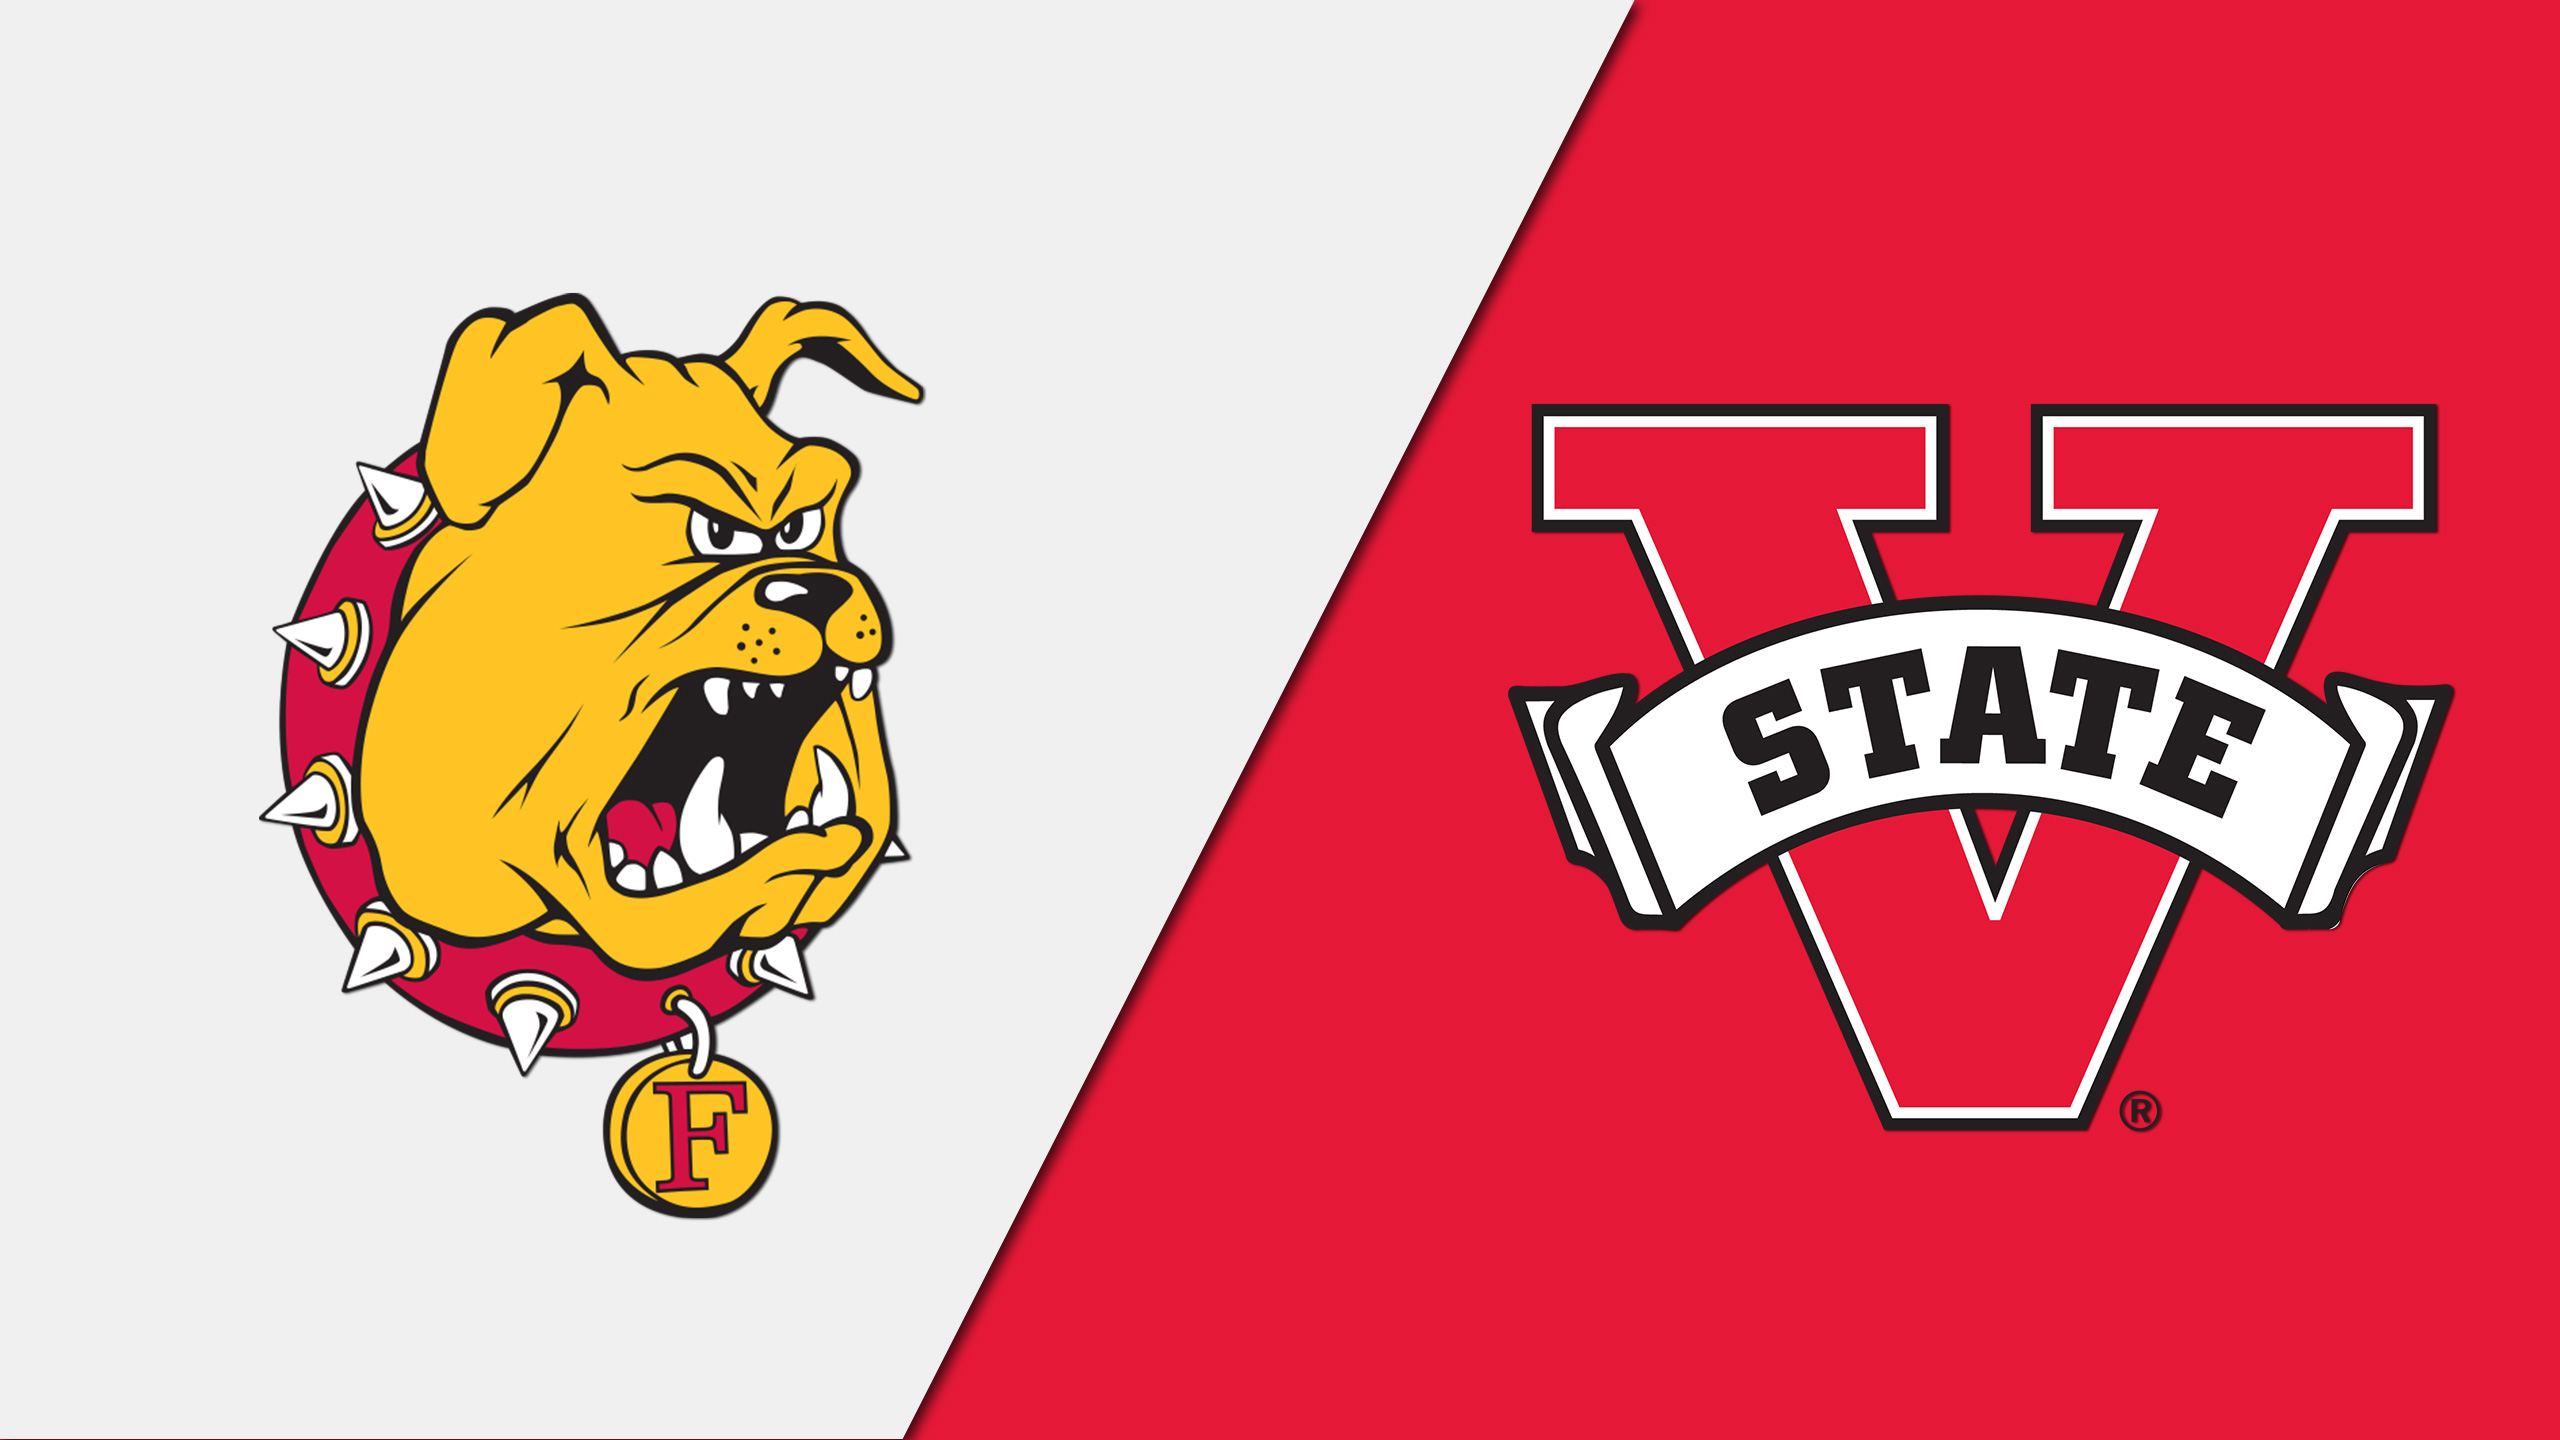 Ferris State (MI) vs. Valdosta State (Championship) (NCAA Division II Football Championship)